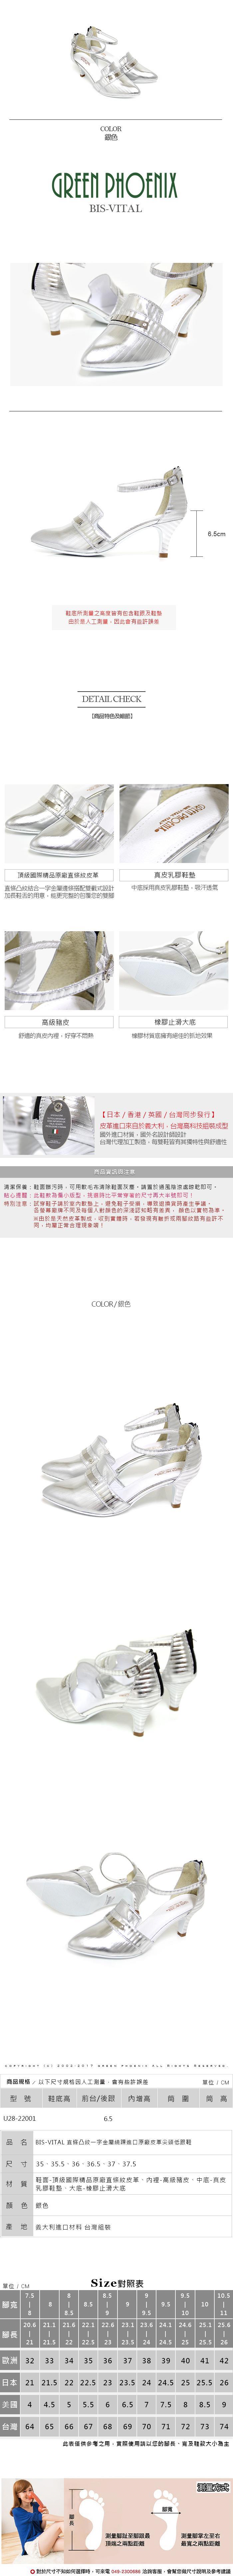 8c5f28ee-66cc-4a37-a644-bd692c0064e9.jpg